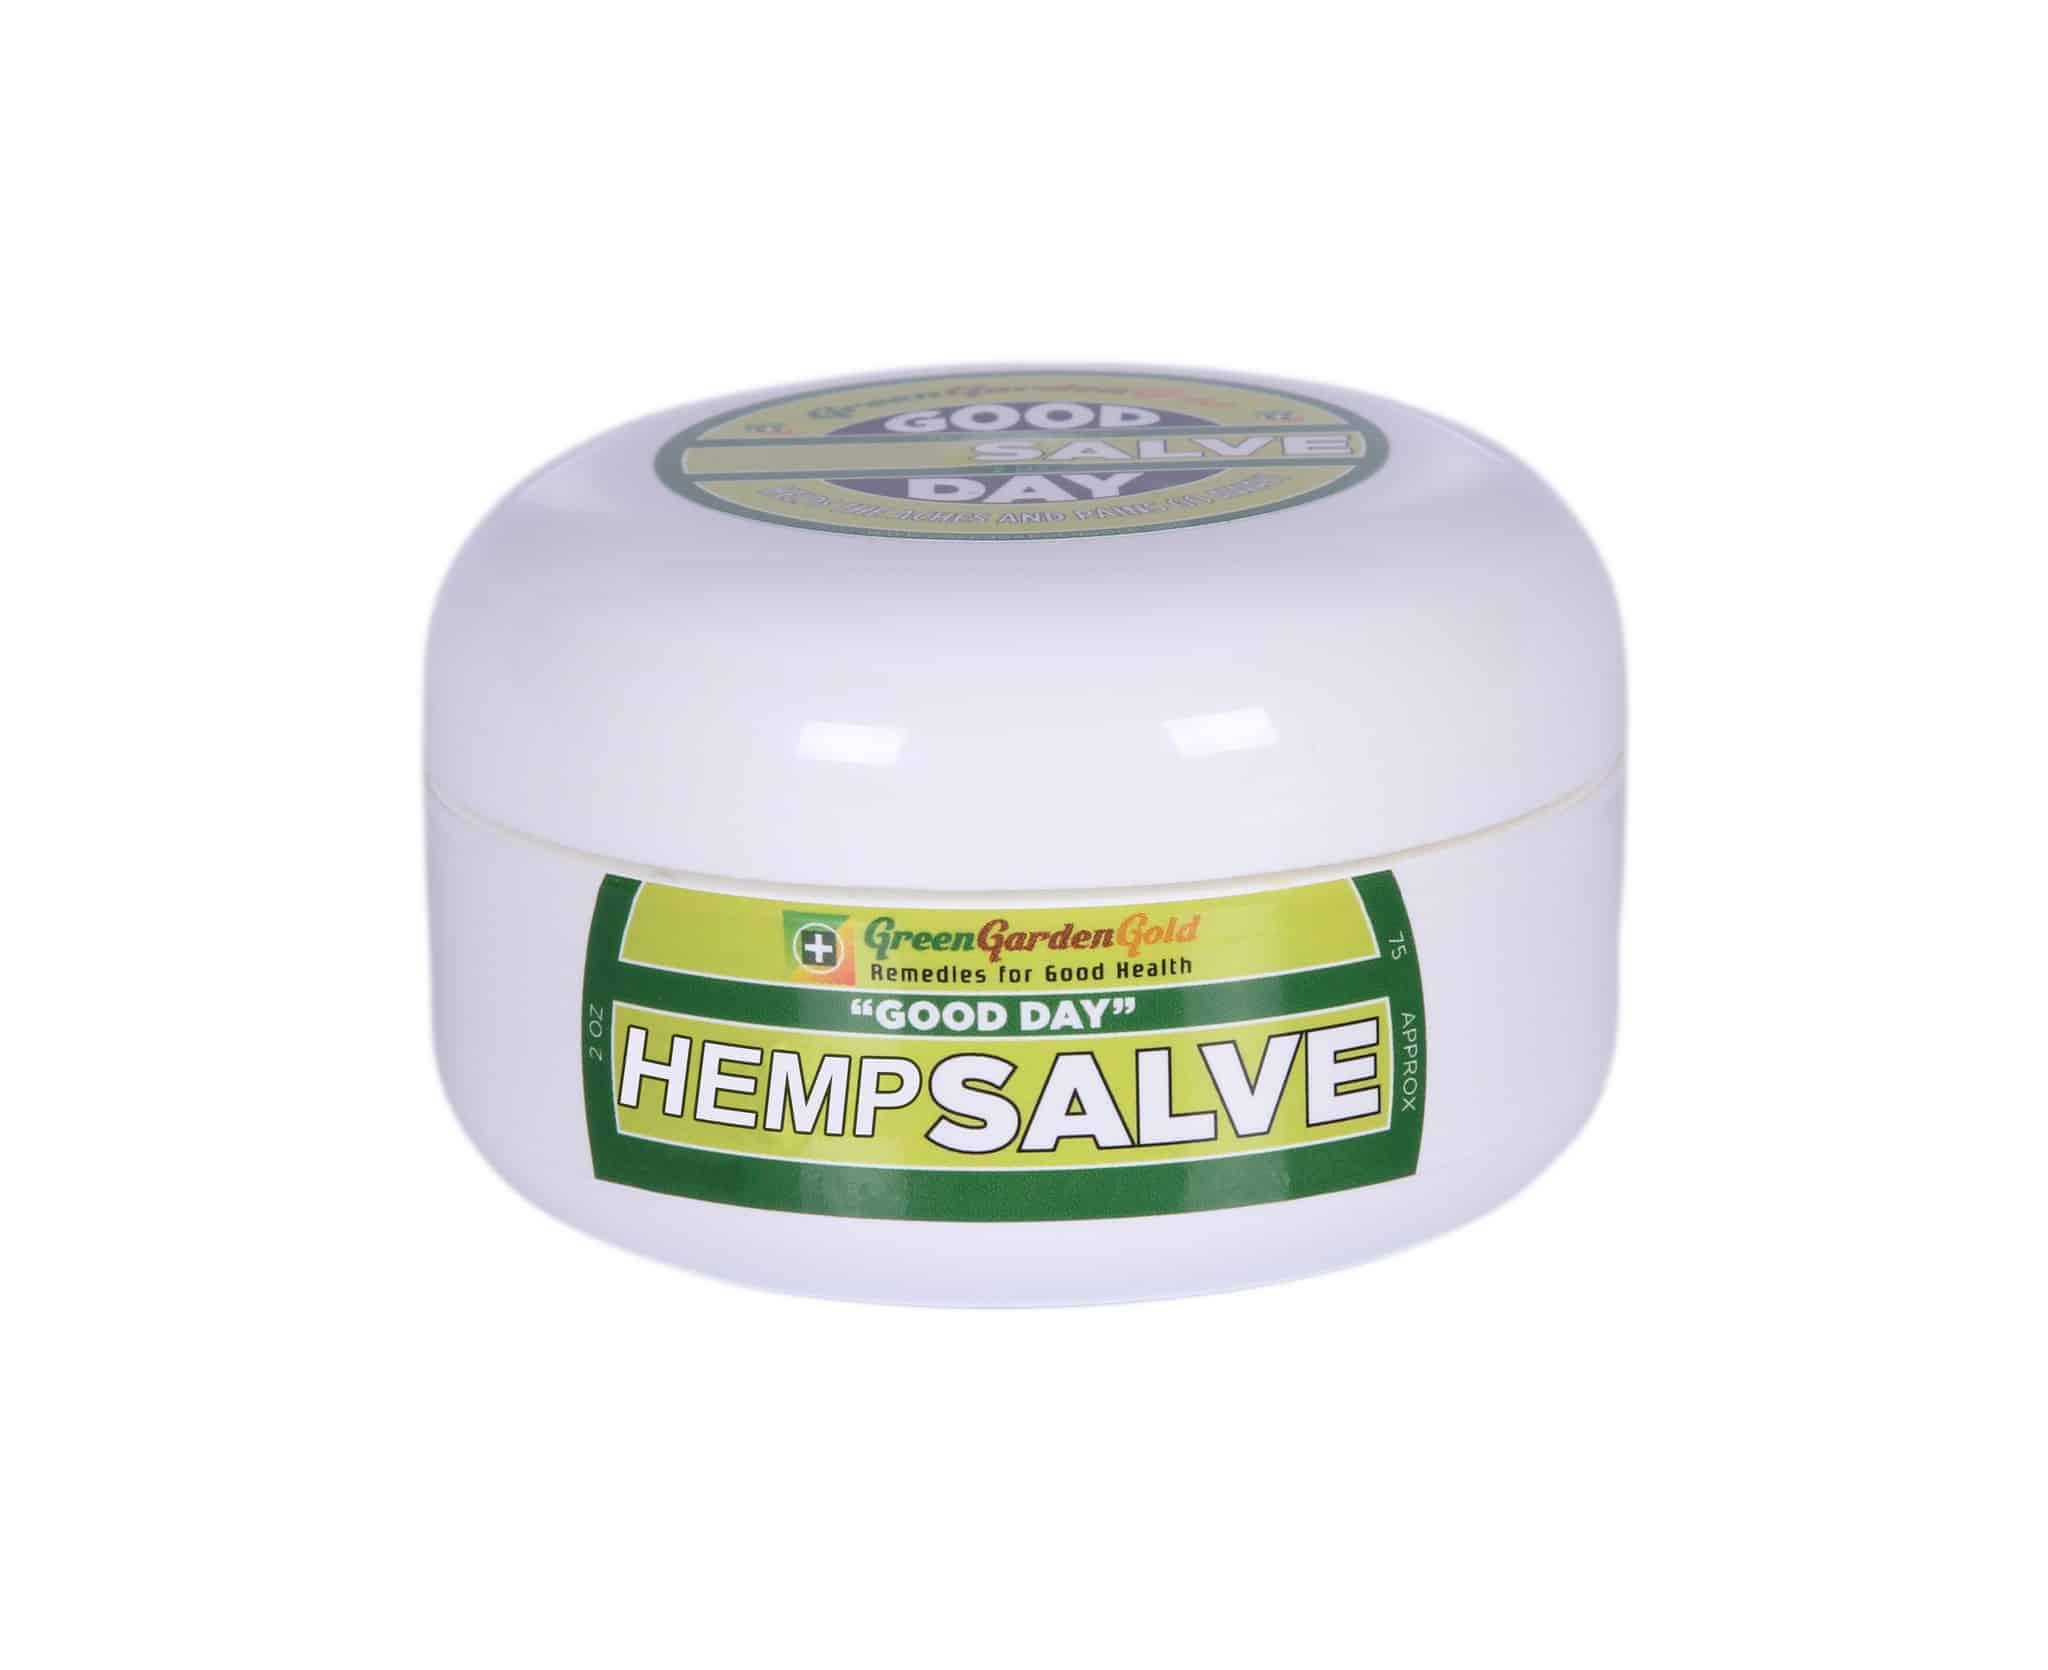 greengg salve